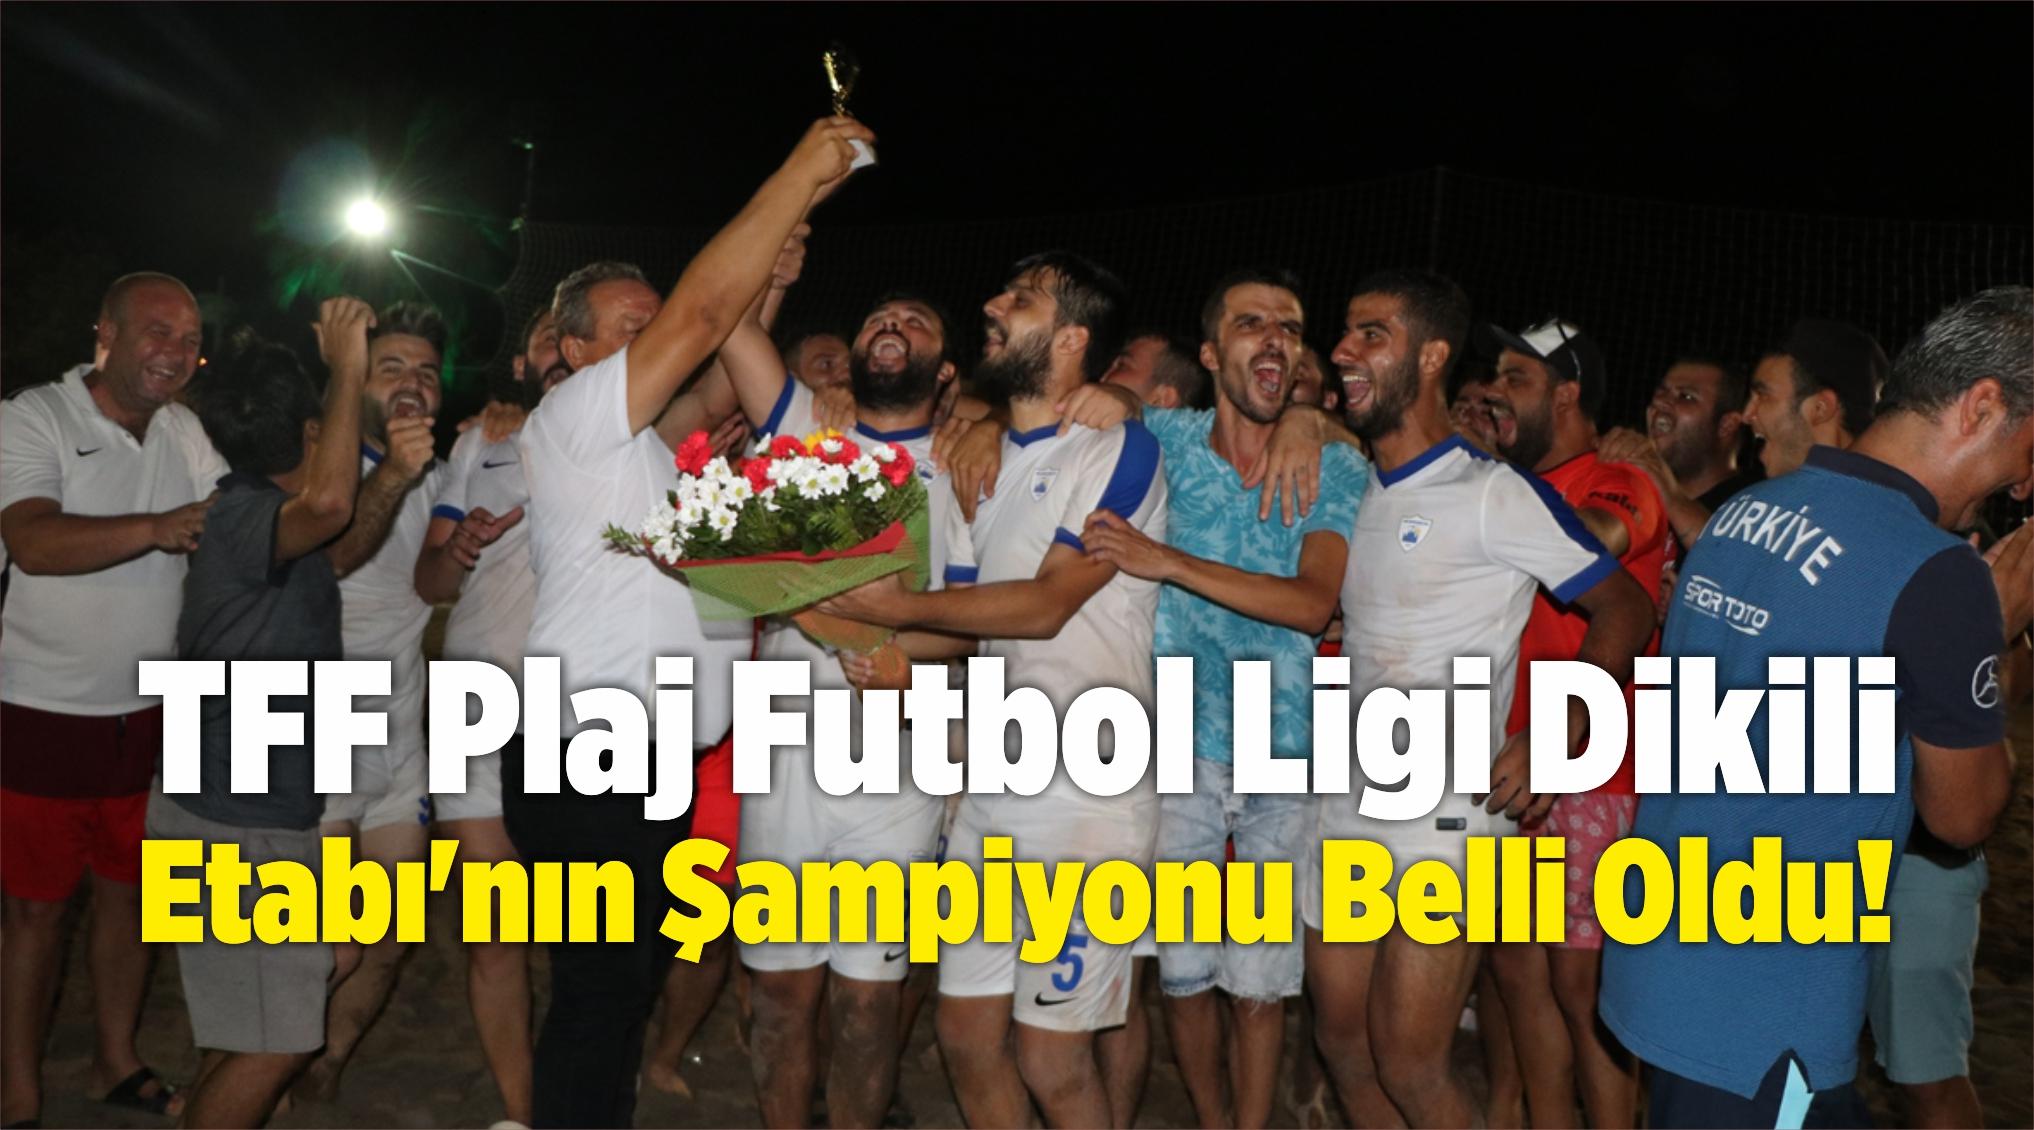 TFF Plaj Futbol Ligi Dikili Etabı'nın Şampiyonu Belli Oldu!